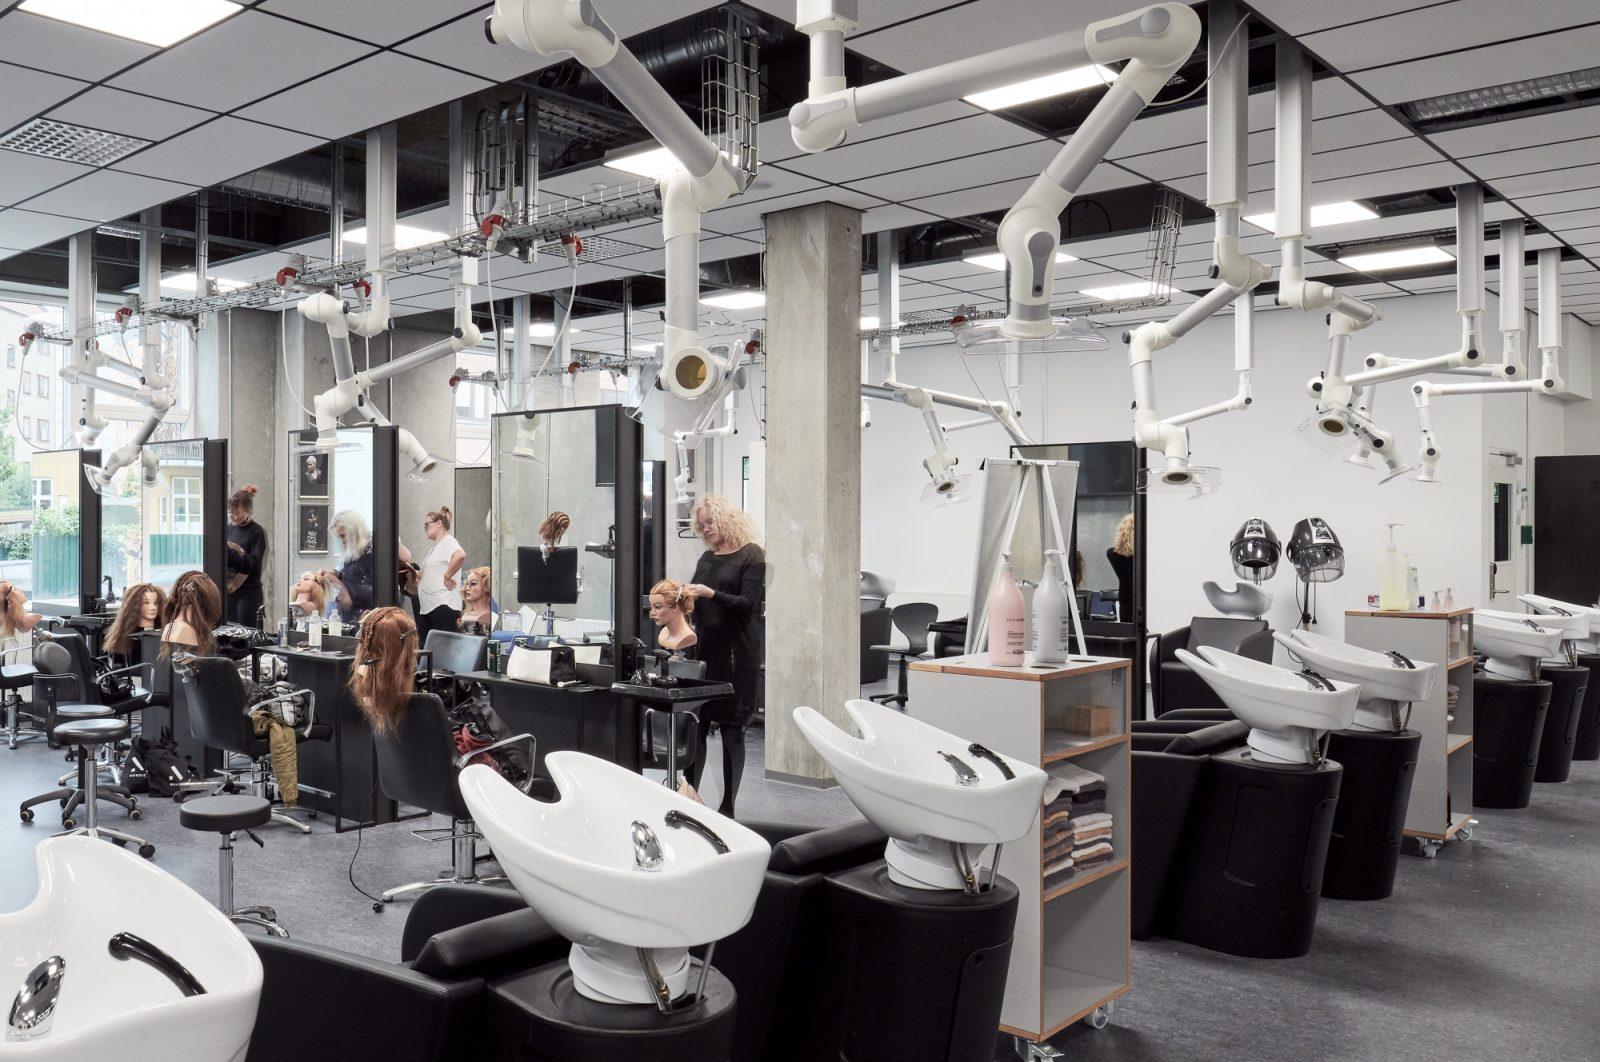 Frisørskolen Next (frisørstationer og vaskestole), Rentemestervej 17, København